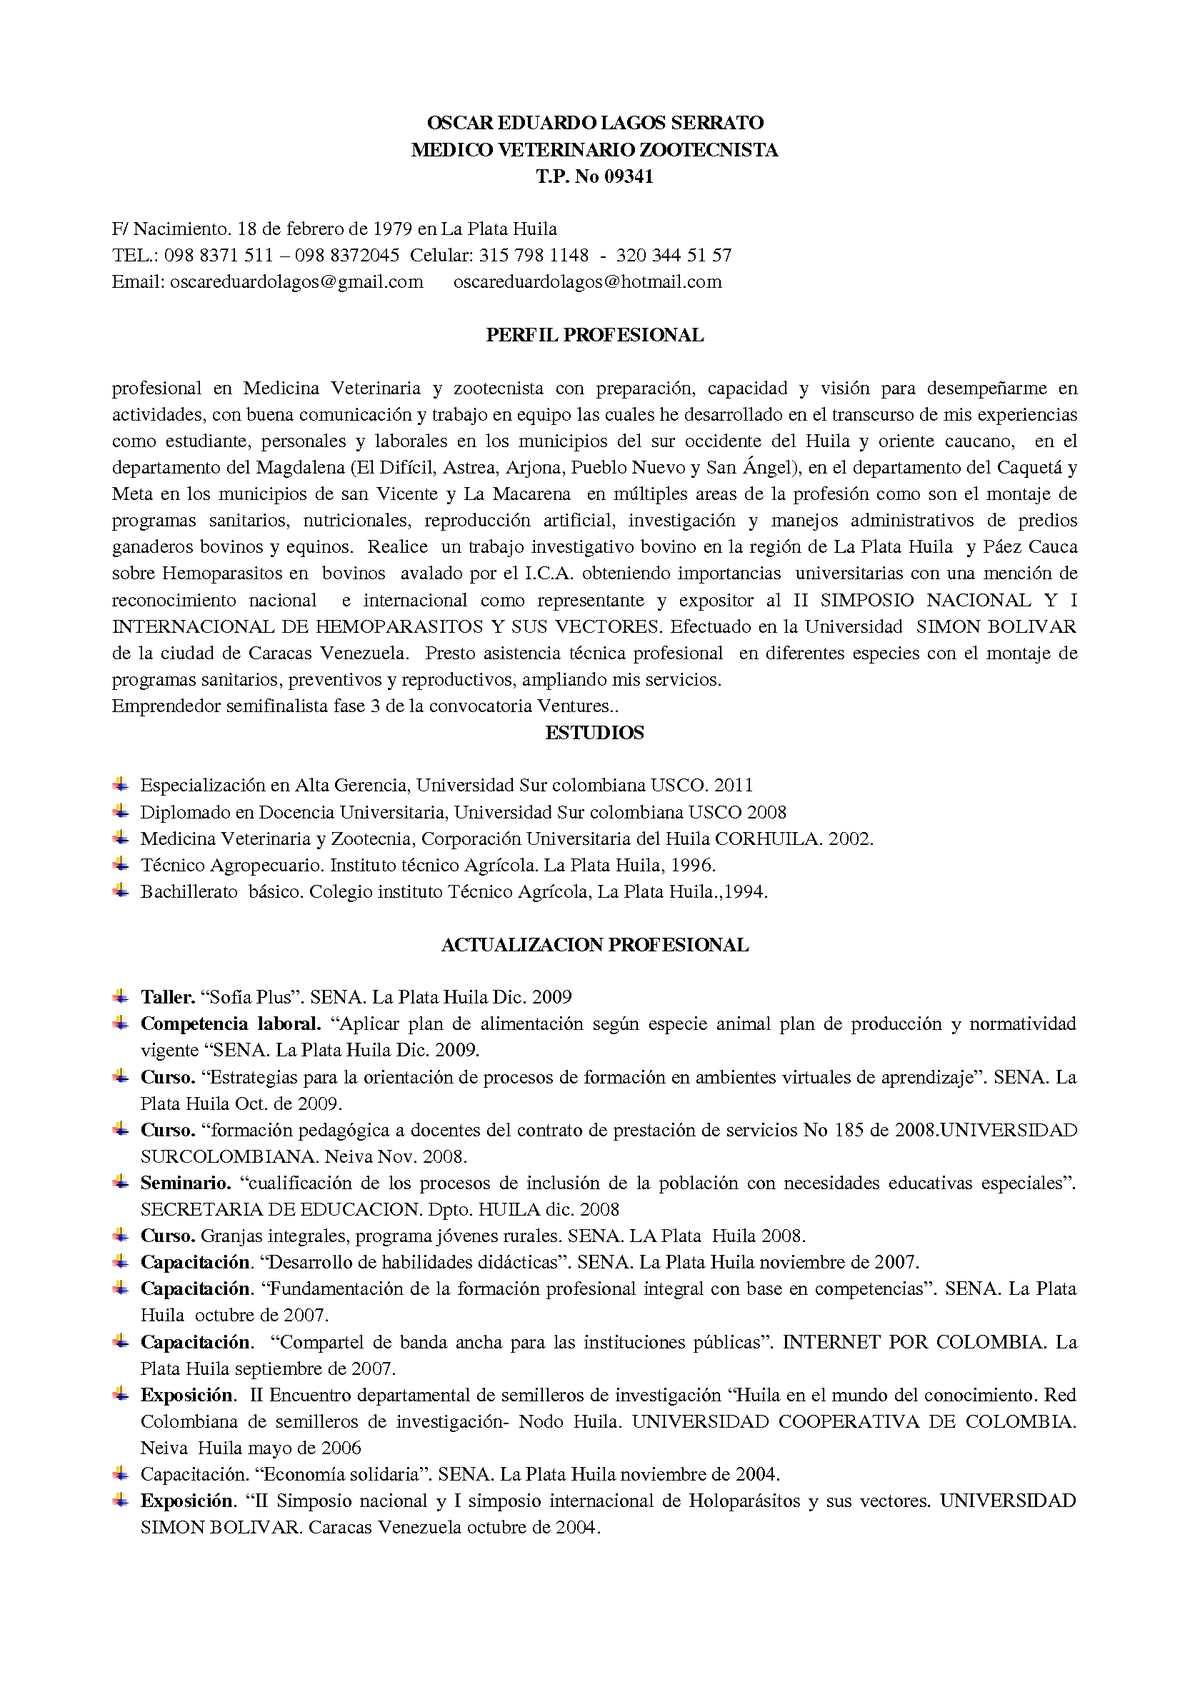 Calaméo - HOJA DE VIDA DE OSCAR EDUARDO LAGOS